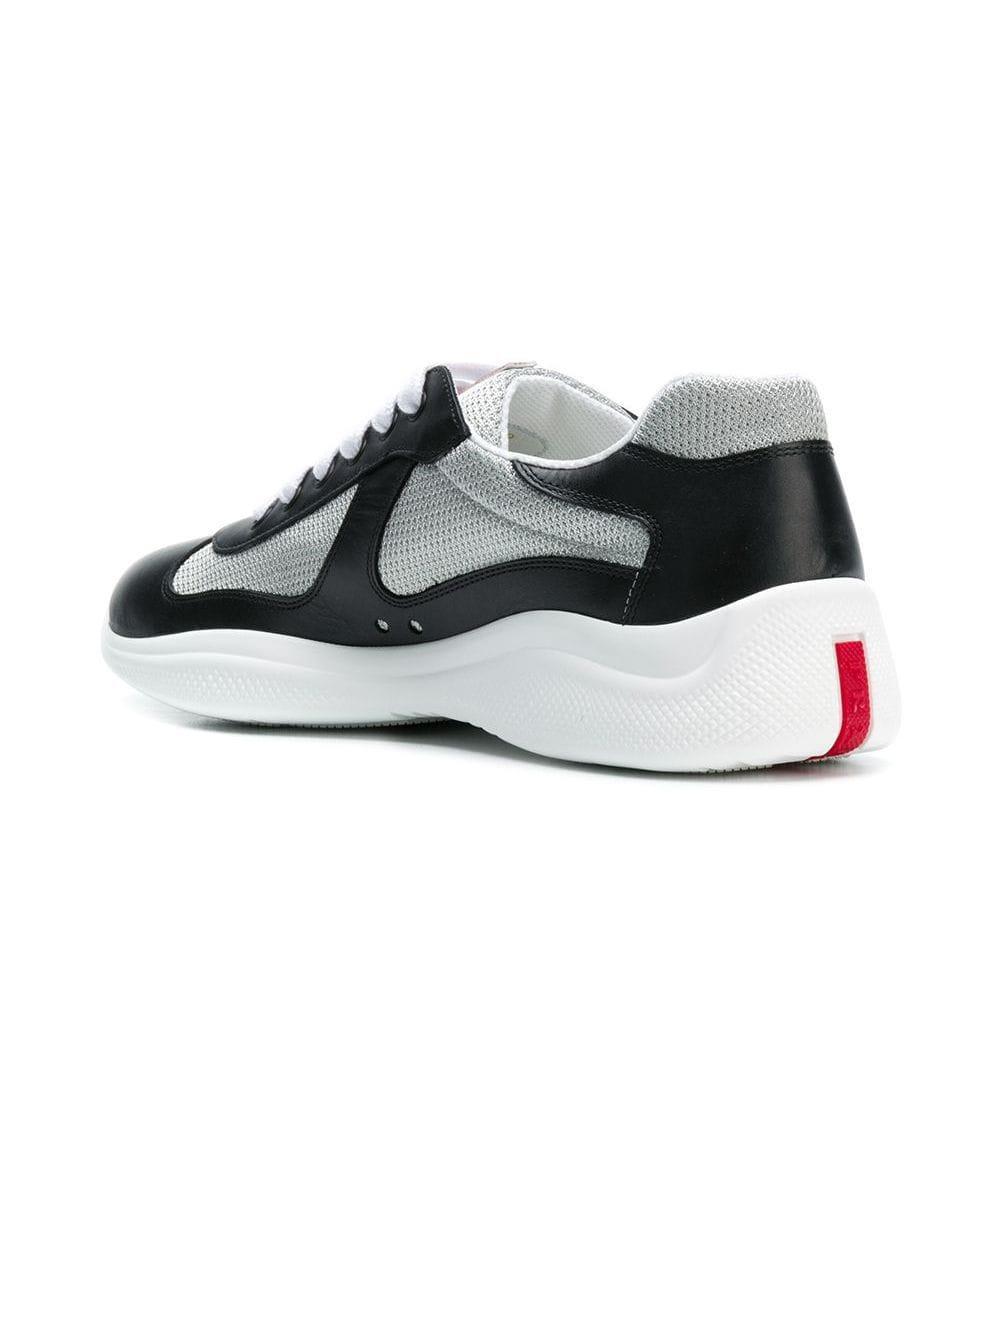 Prada Leer Color-block Lage Sneakers in het Zwart voor heren